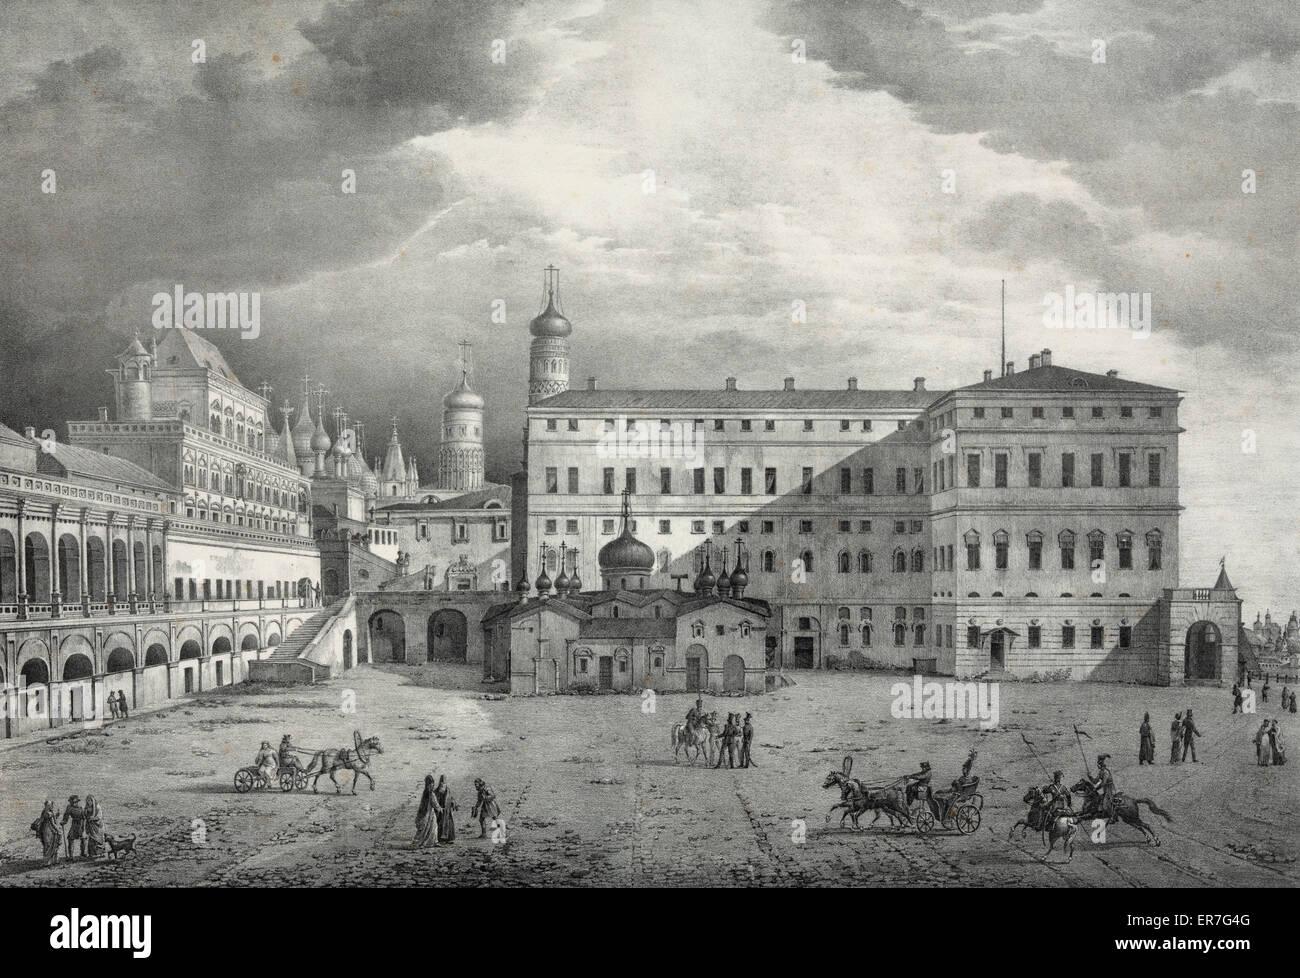 Vue de l'ancien palais des tsars, prise dans interior du cremlin. - Stock Image